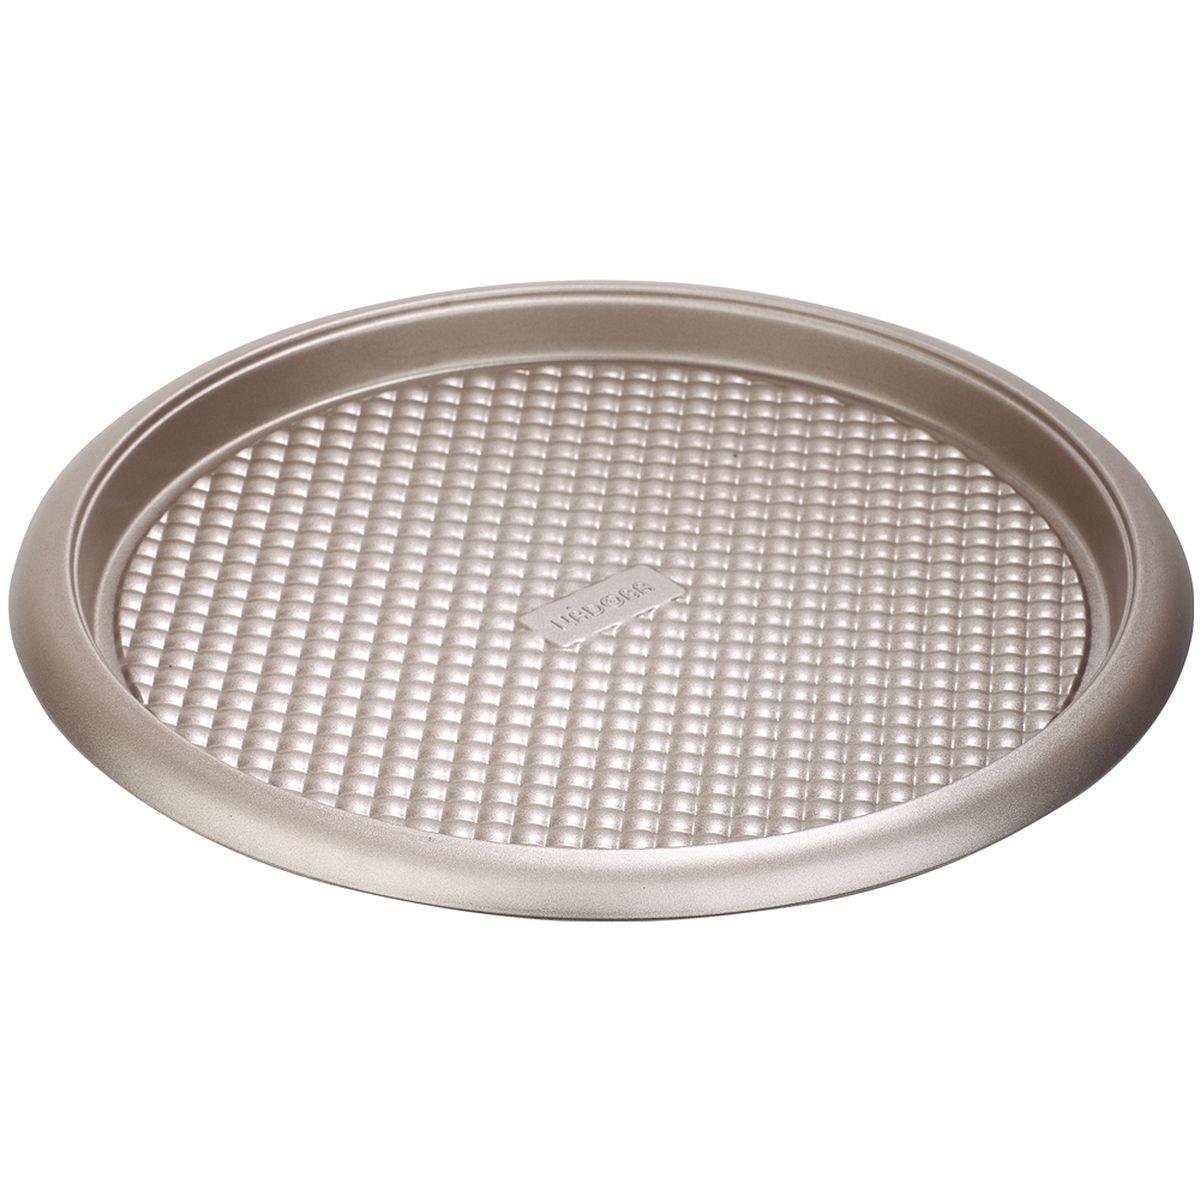 Форма для выпечки Nadoba Rada, с антипригарным покрытием, диаметр 34 смКФ-10.000Форма Nadoba Rada изготовлена из высококачественной углеродистой стали с антипригарным покрытием Quantum и рельефным дном, что обеспечивает равномерное распределение тепла и предотвращение прилипания к стенкам посуды. Форма Nadoba Rada идеально подходит для выпечки пирогов и пиццы. Подходит для использования в духовом шкафу.Рабочая температура: до +230°С.Диаметр формы: 34 см.Высота формы: 2,5 см.